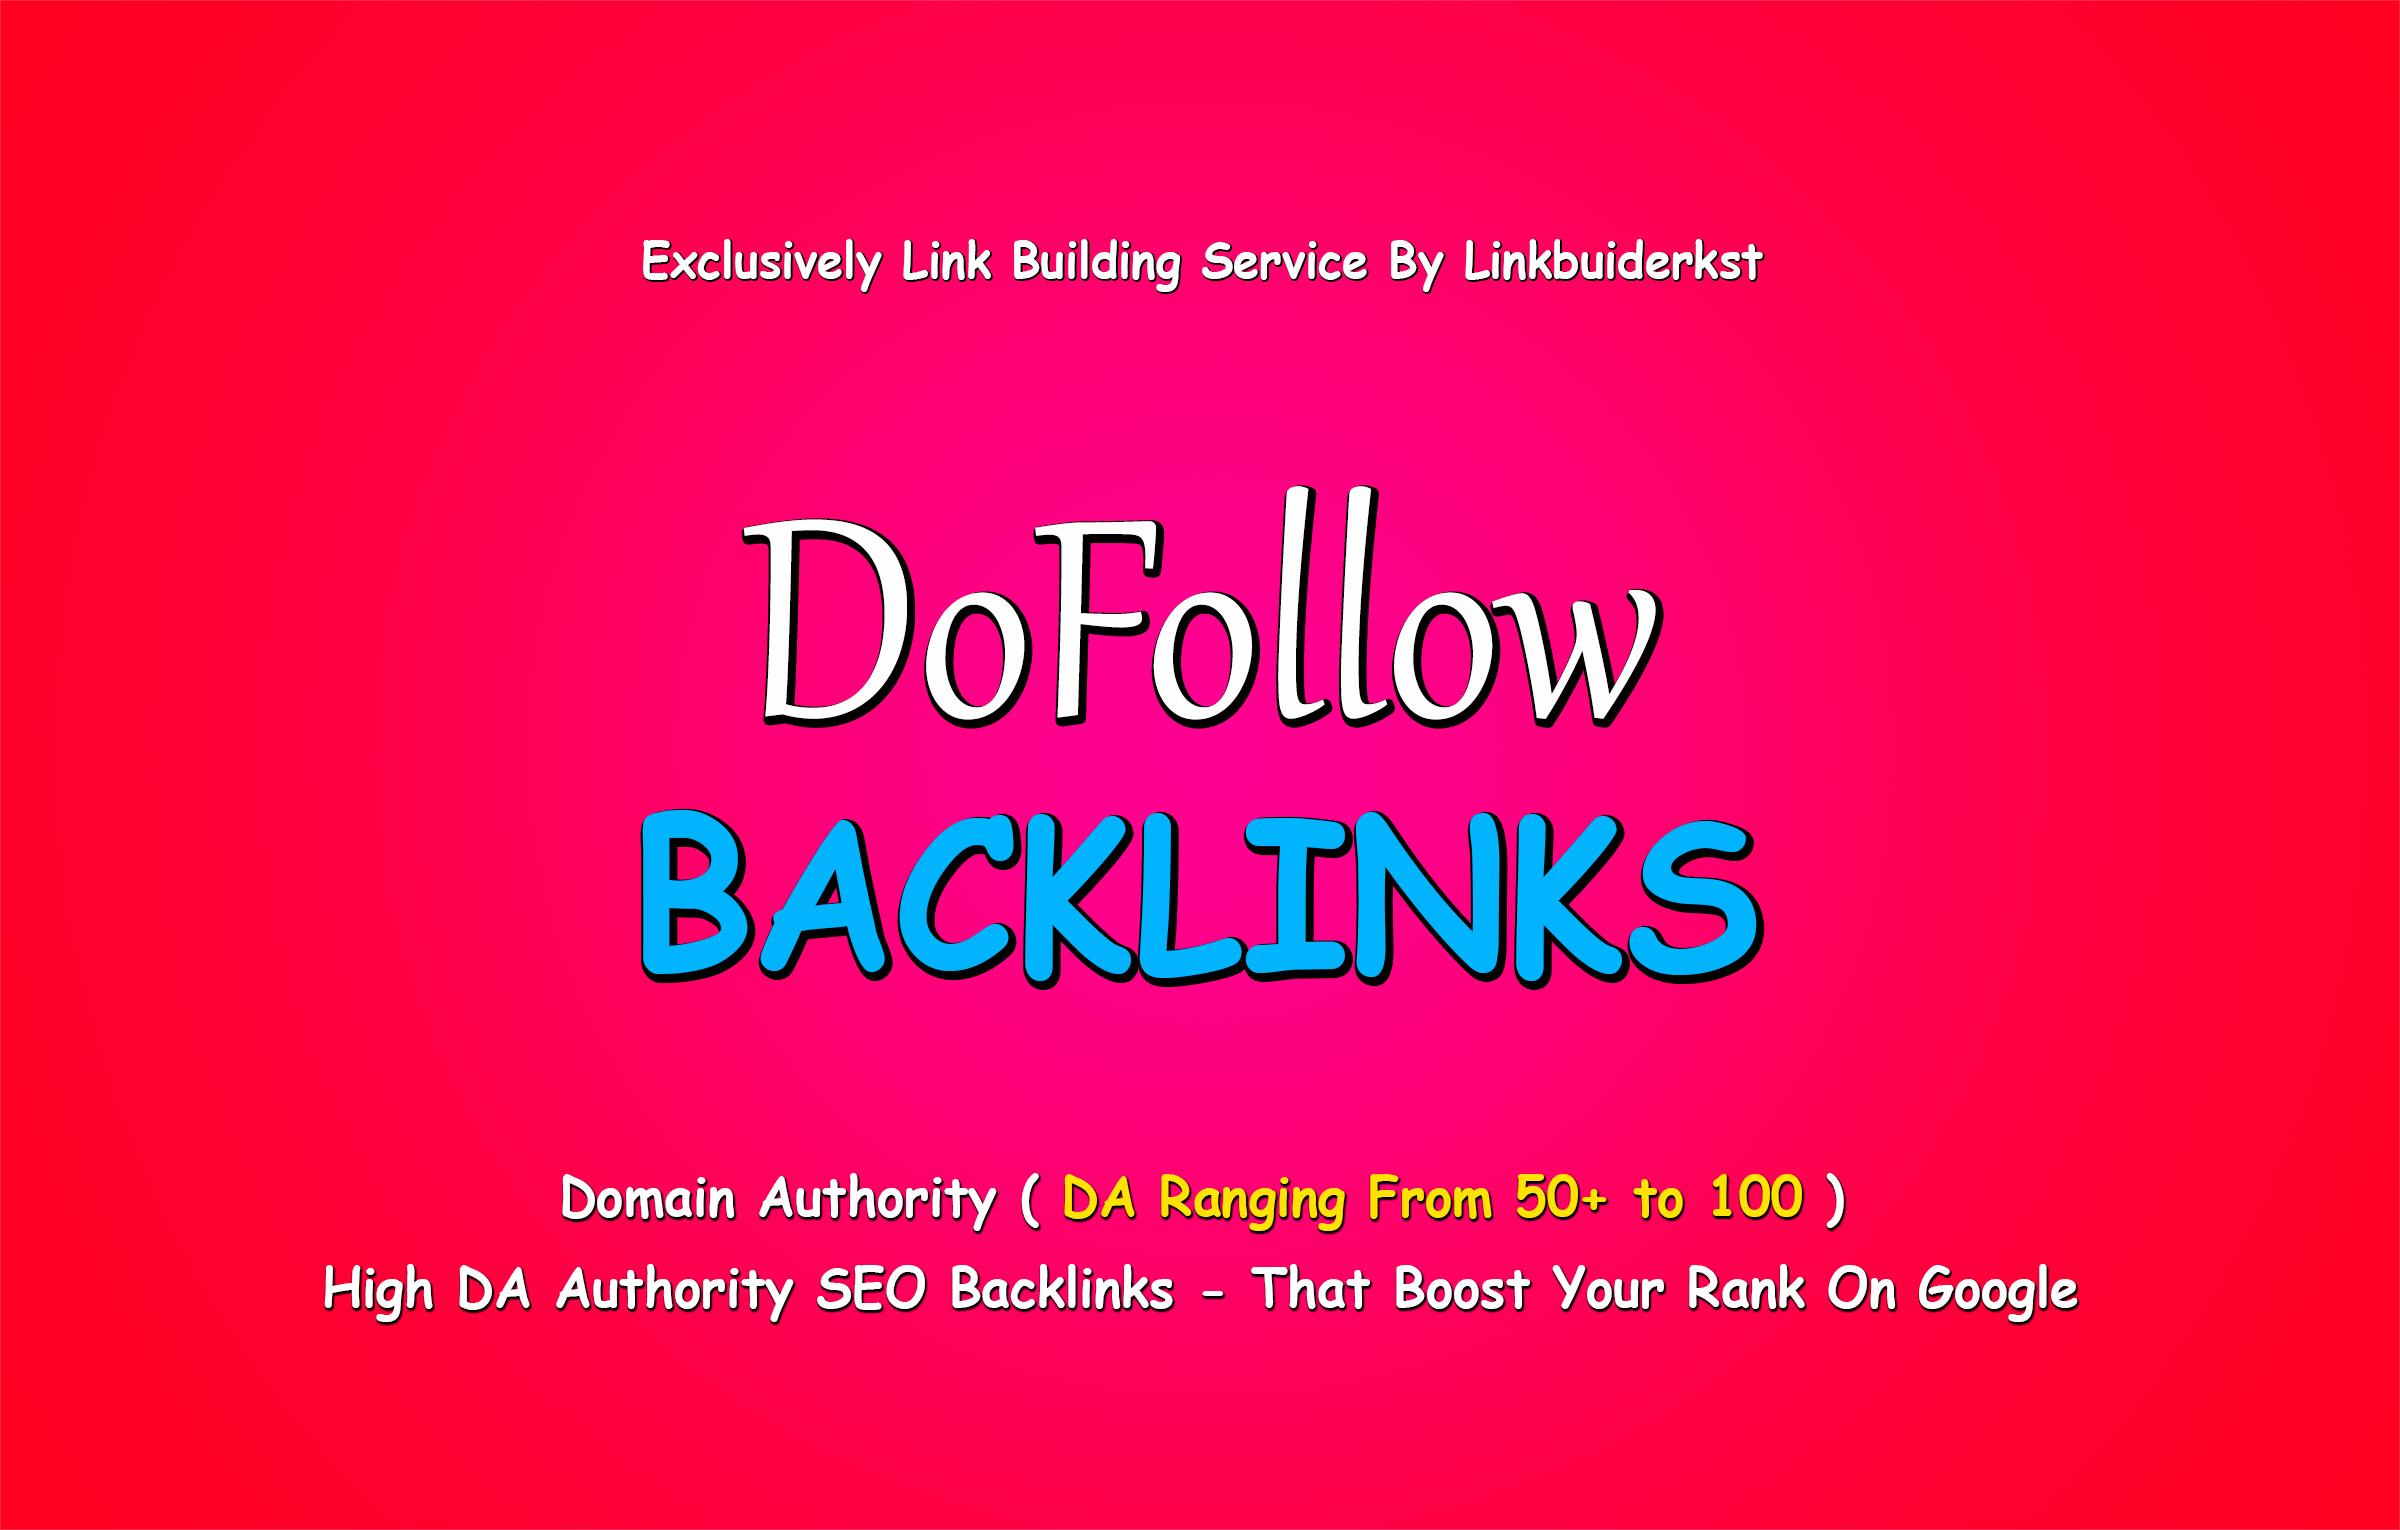 30 Handmade Dofollow Backlinks For Google Ranking